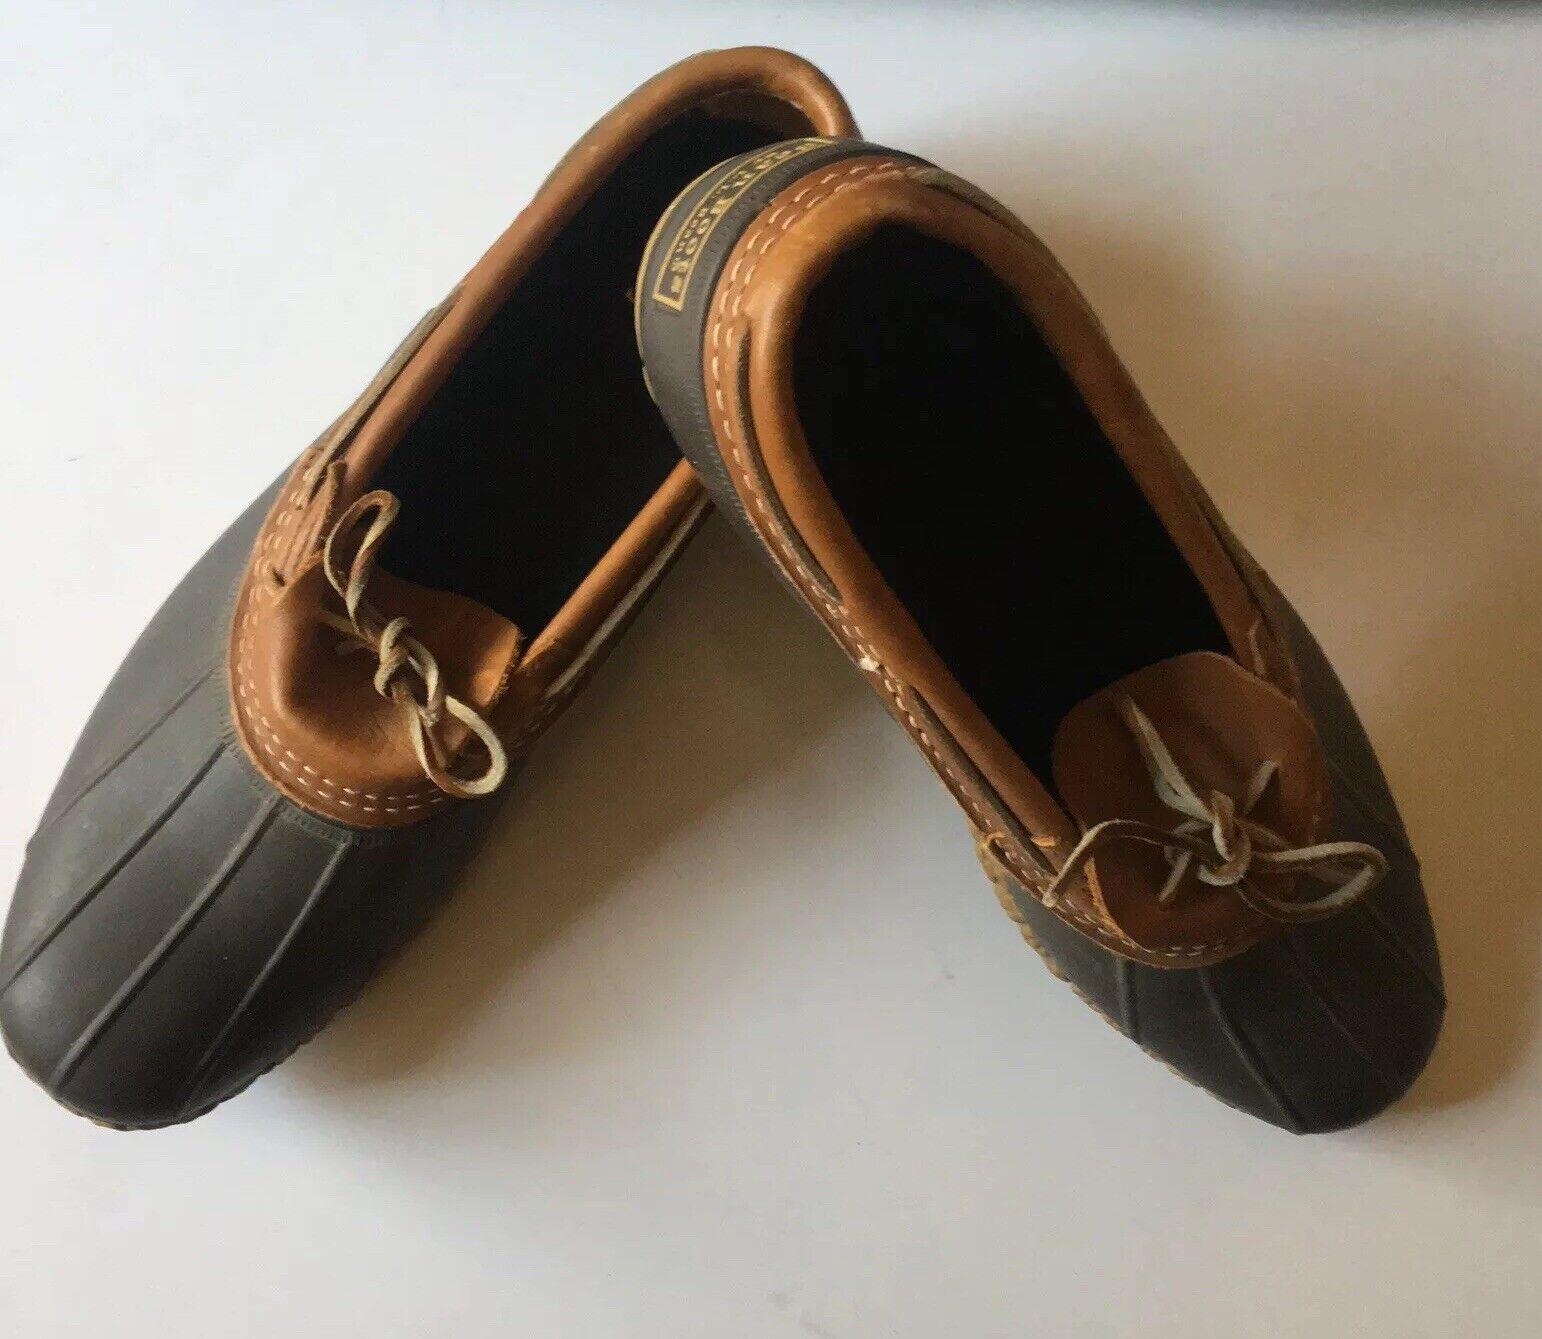 Llbean Bean botas Originals para hombre Top de cuero fondos de goma